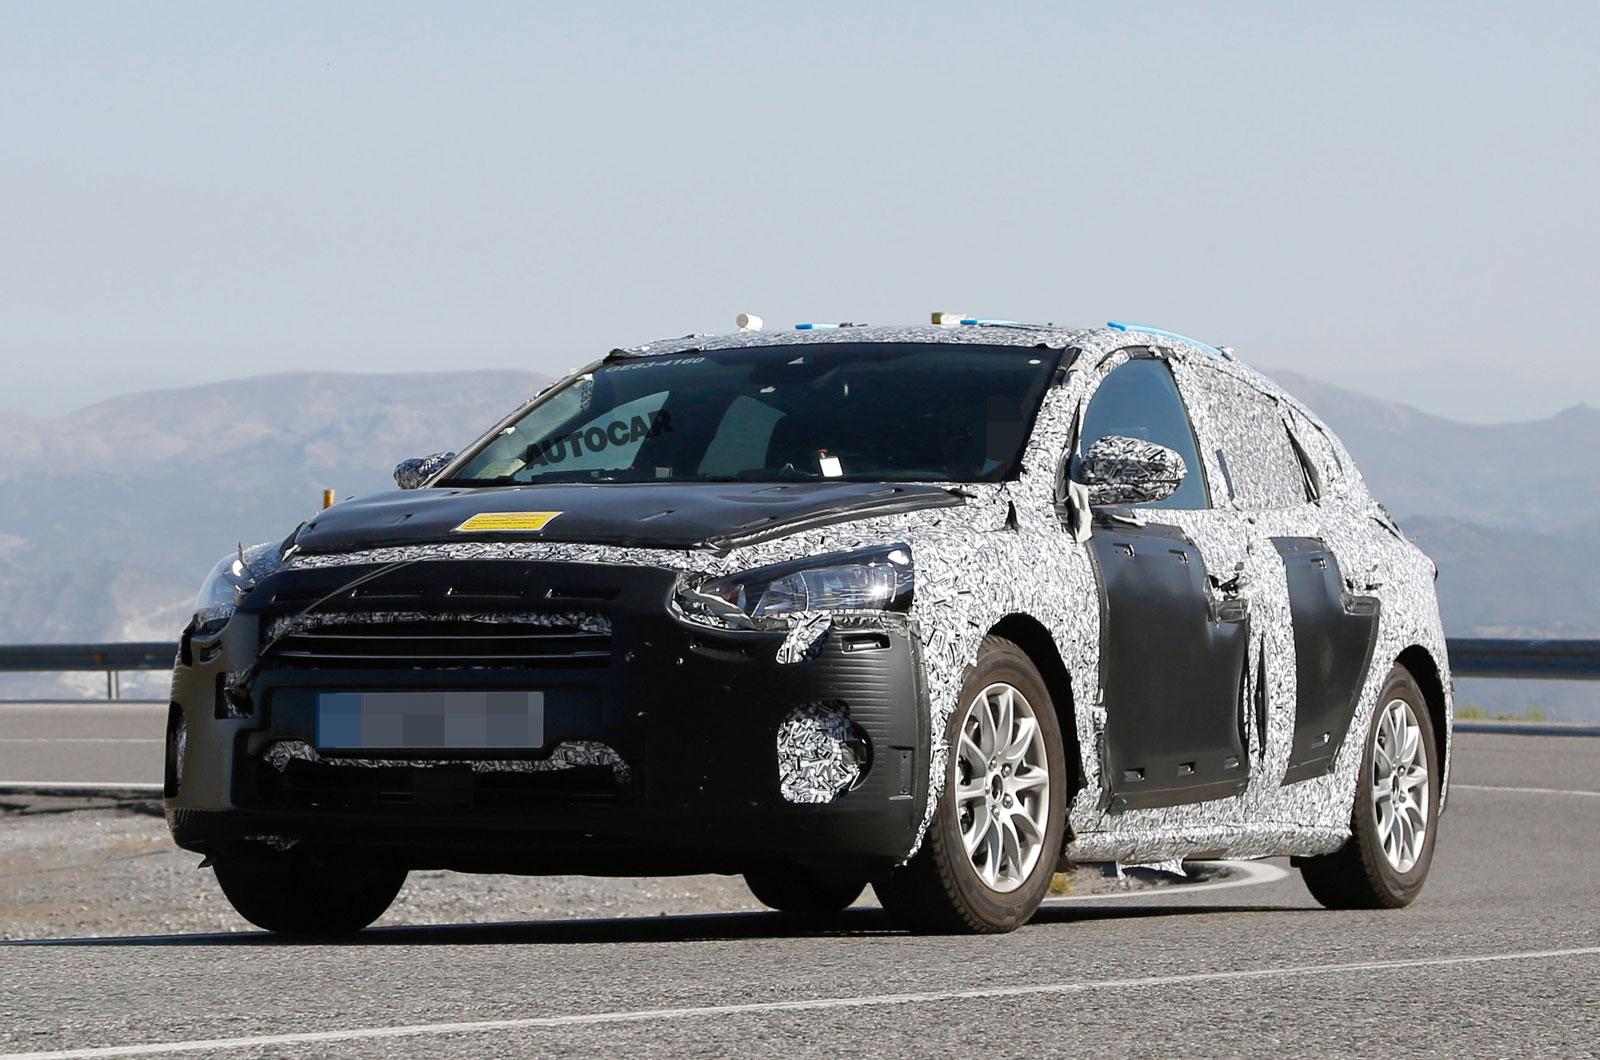 2019 Ford Focus замечен производственным корпусом и салоном